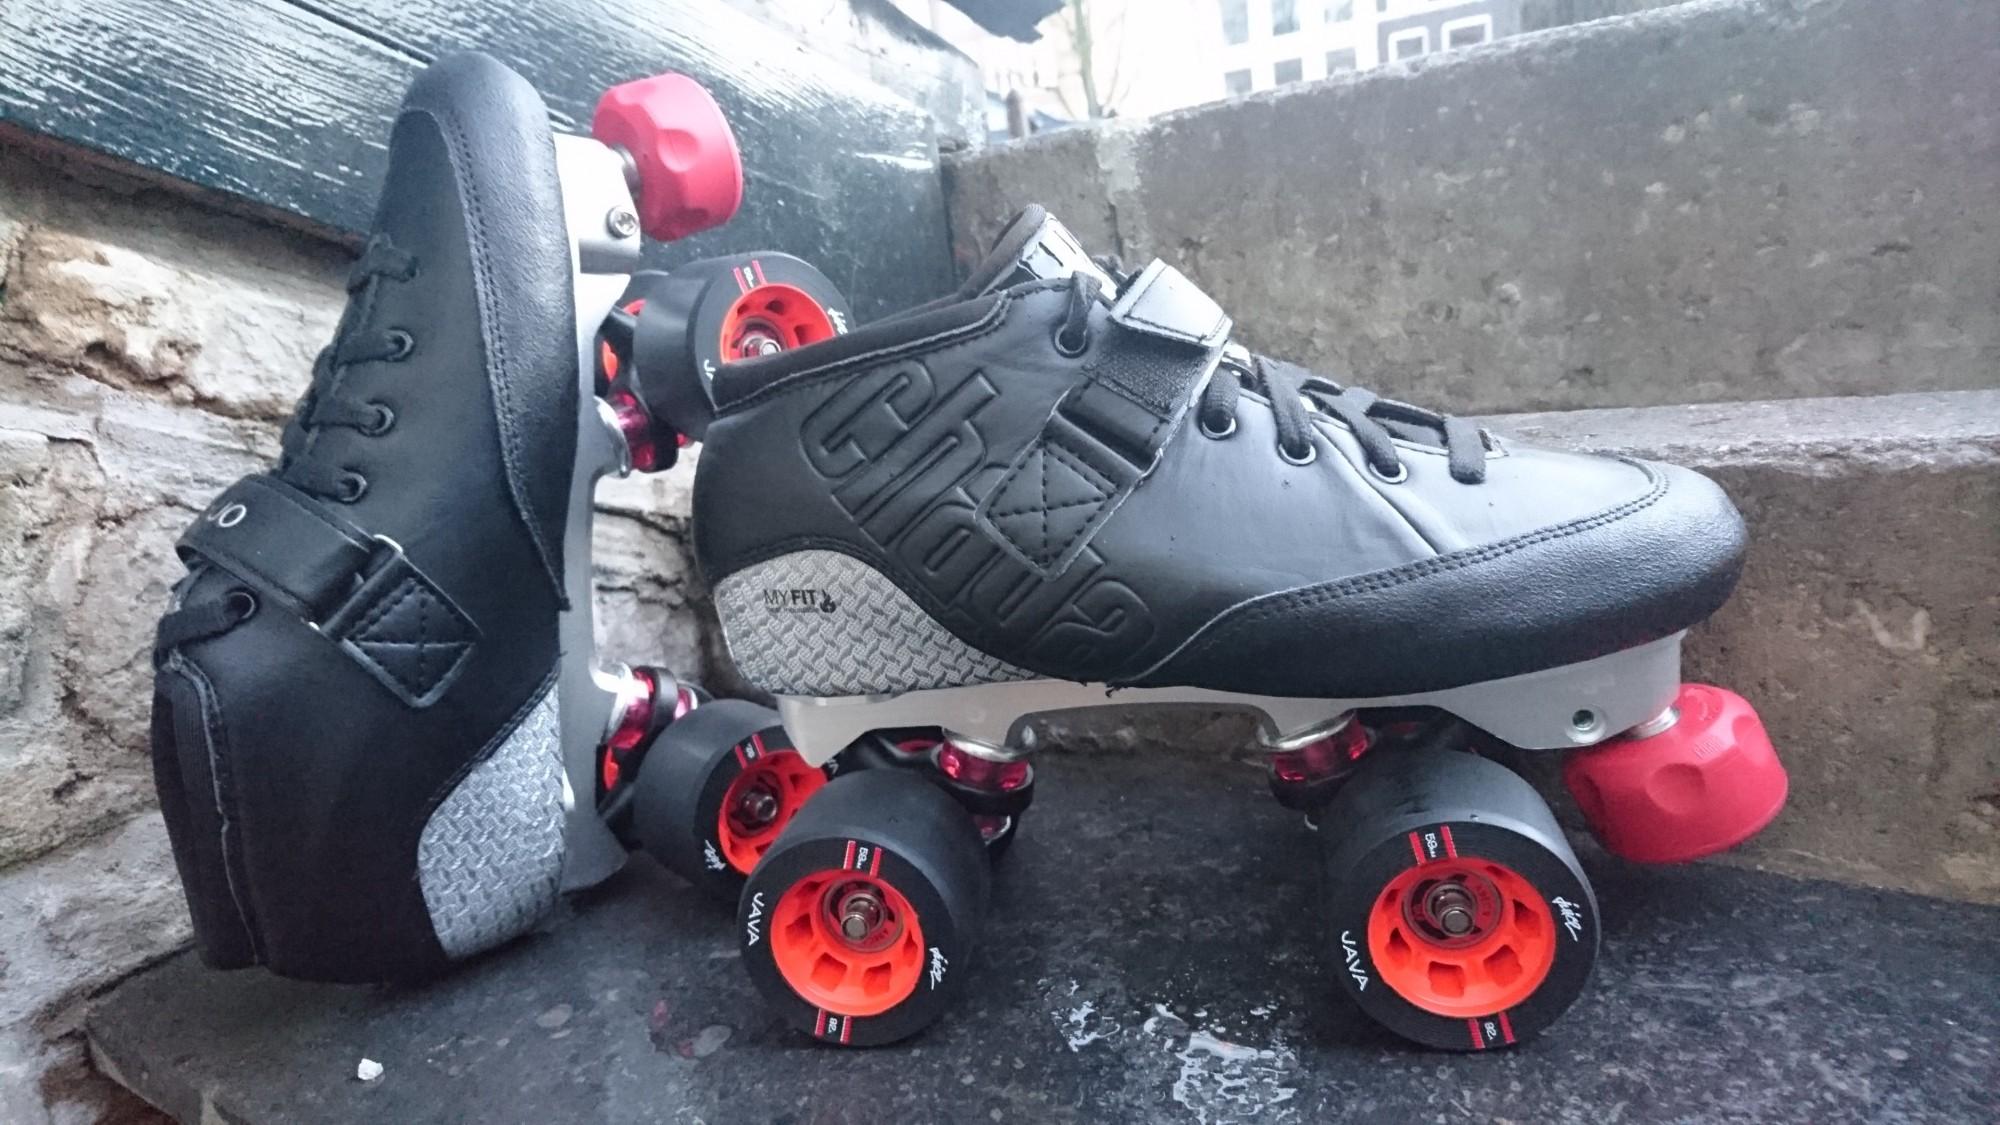 Onyx skate